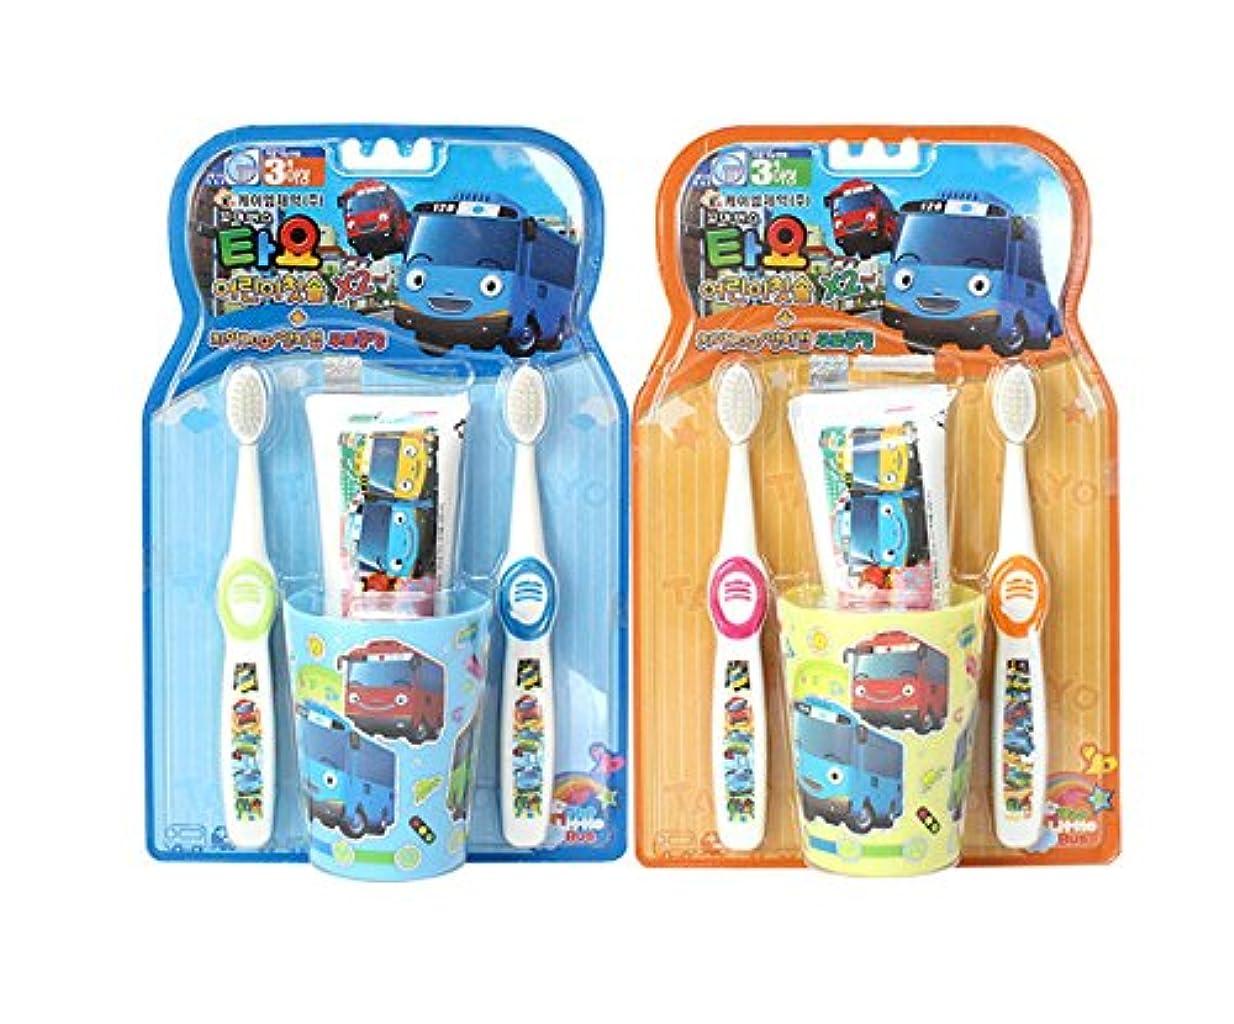 警告するラインストライド[SET] Tayo The Little Bus ちびっこバス タヨ 子ども用ハブラシ 乳歯?オーラルケア 歯磨き粉 歯ブラシ 歯カップ セット 歯磨きセット子供の歯ブラシ (2 SET) [並行輸入品]